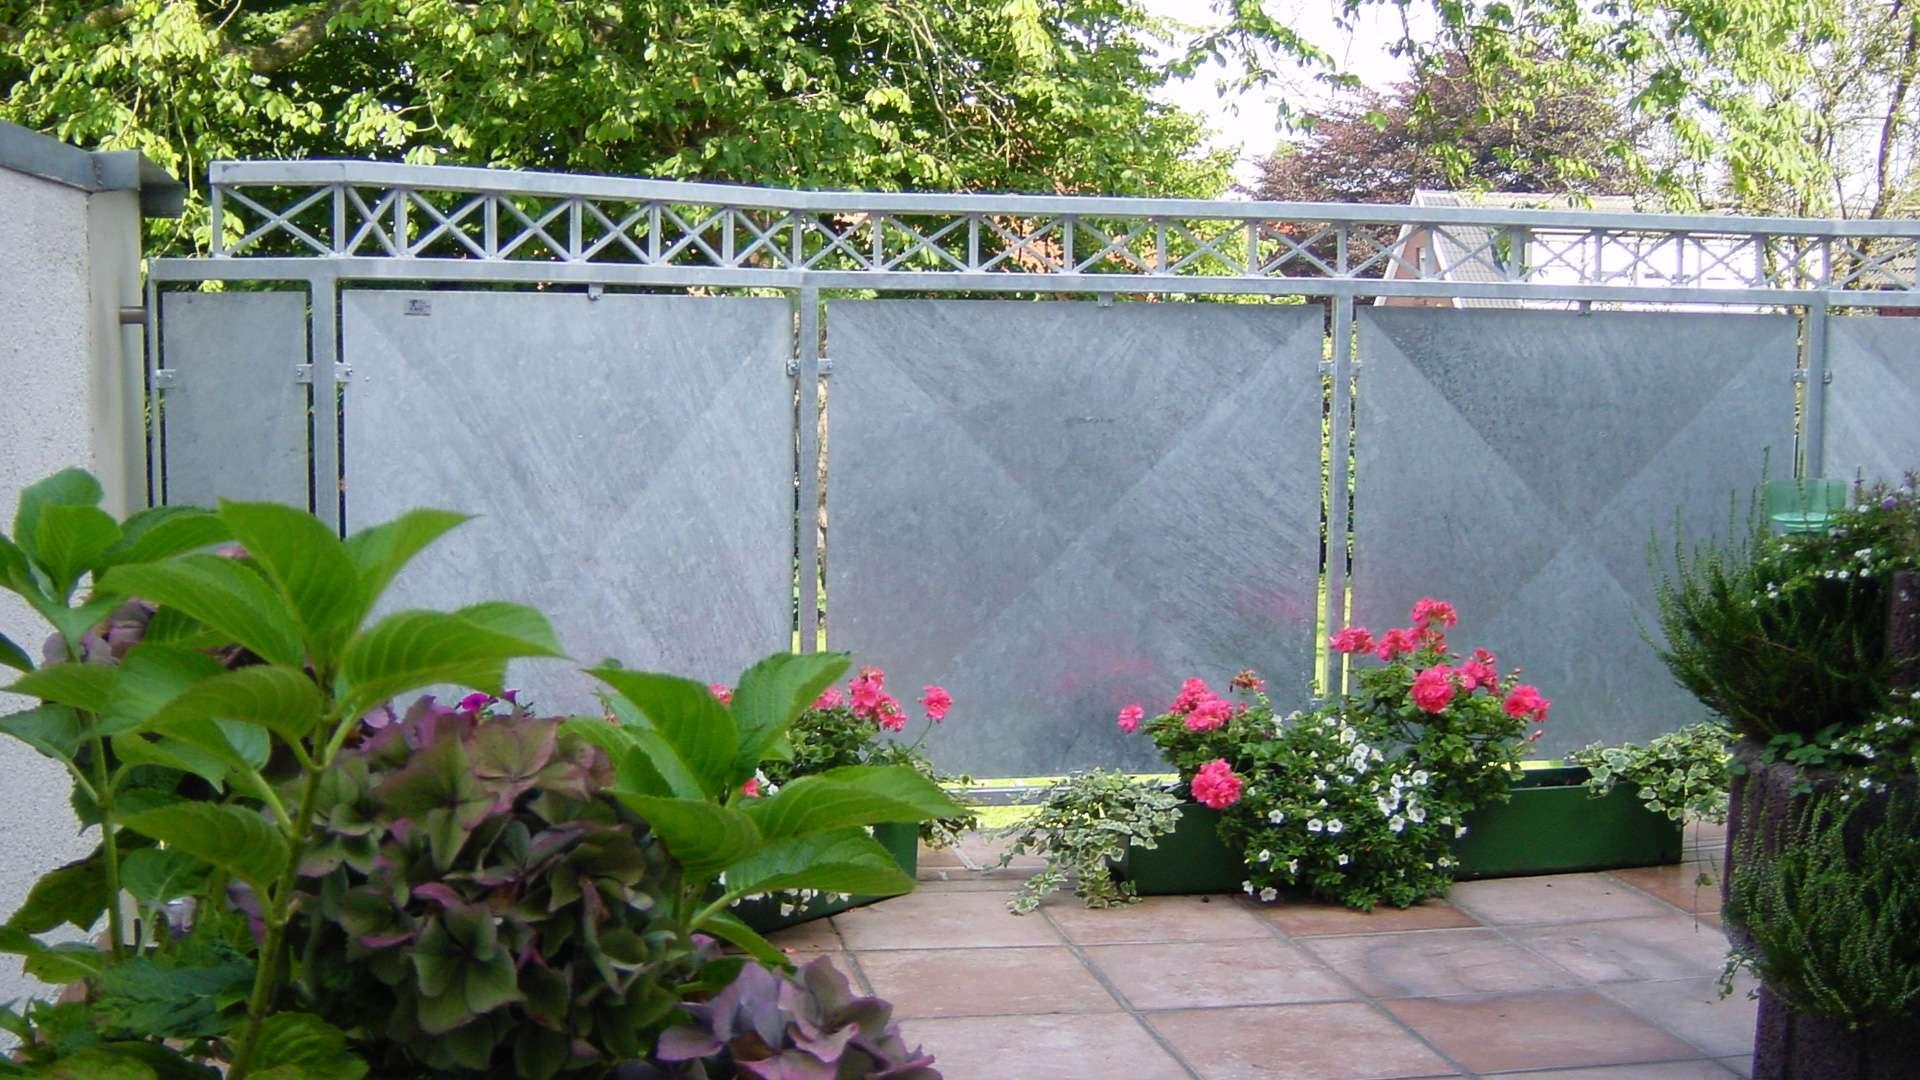 Sichtschutzwände aus Metall um eine Terrasse